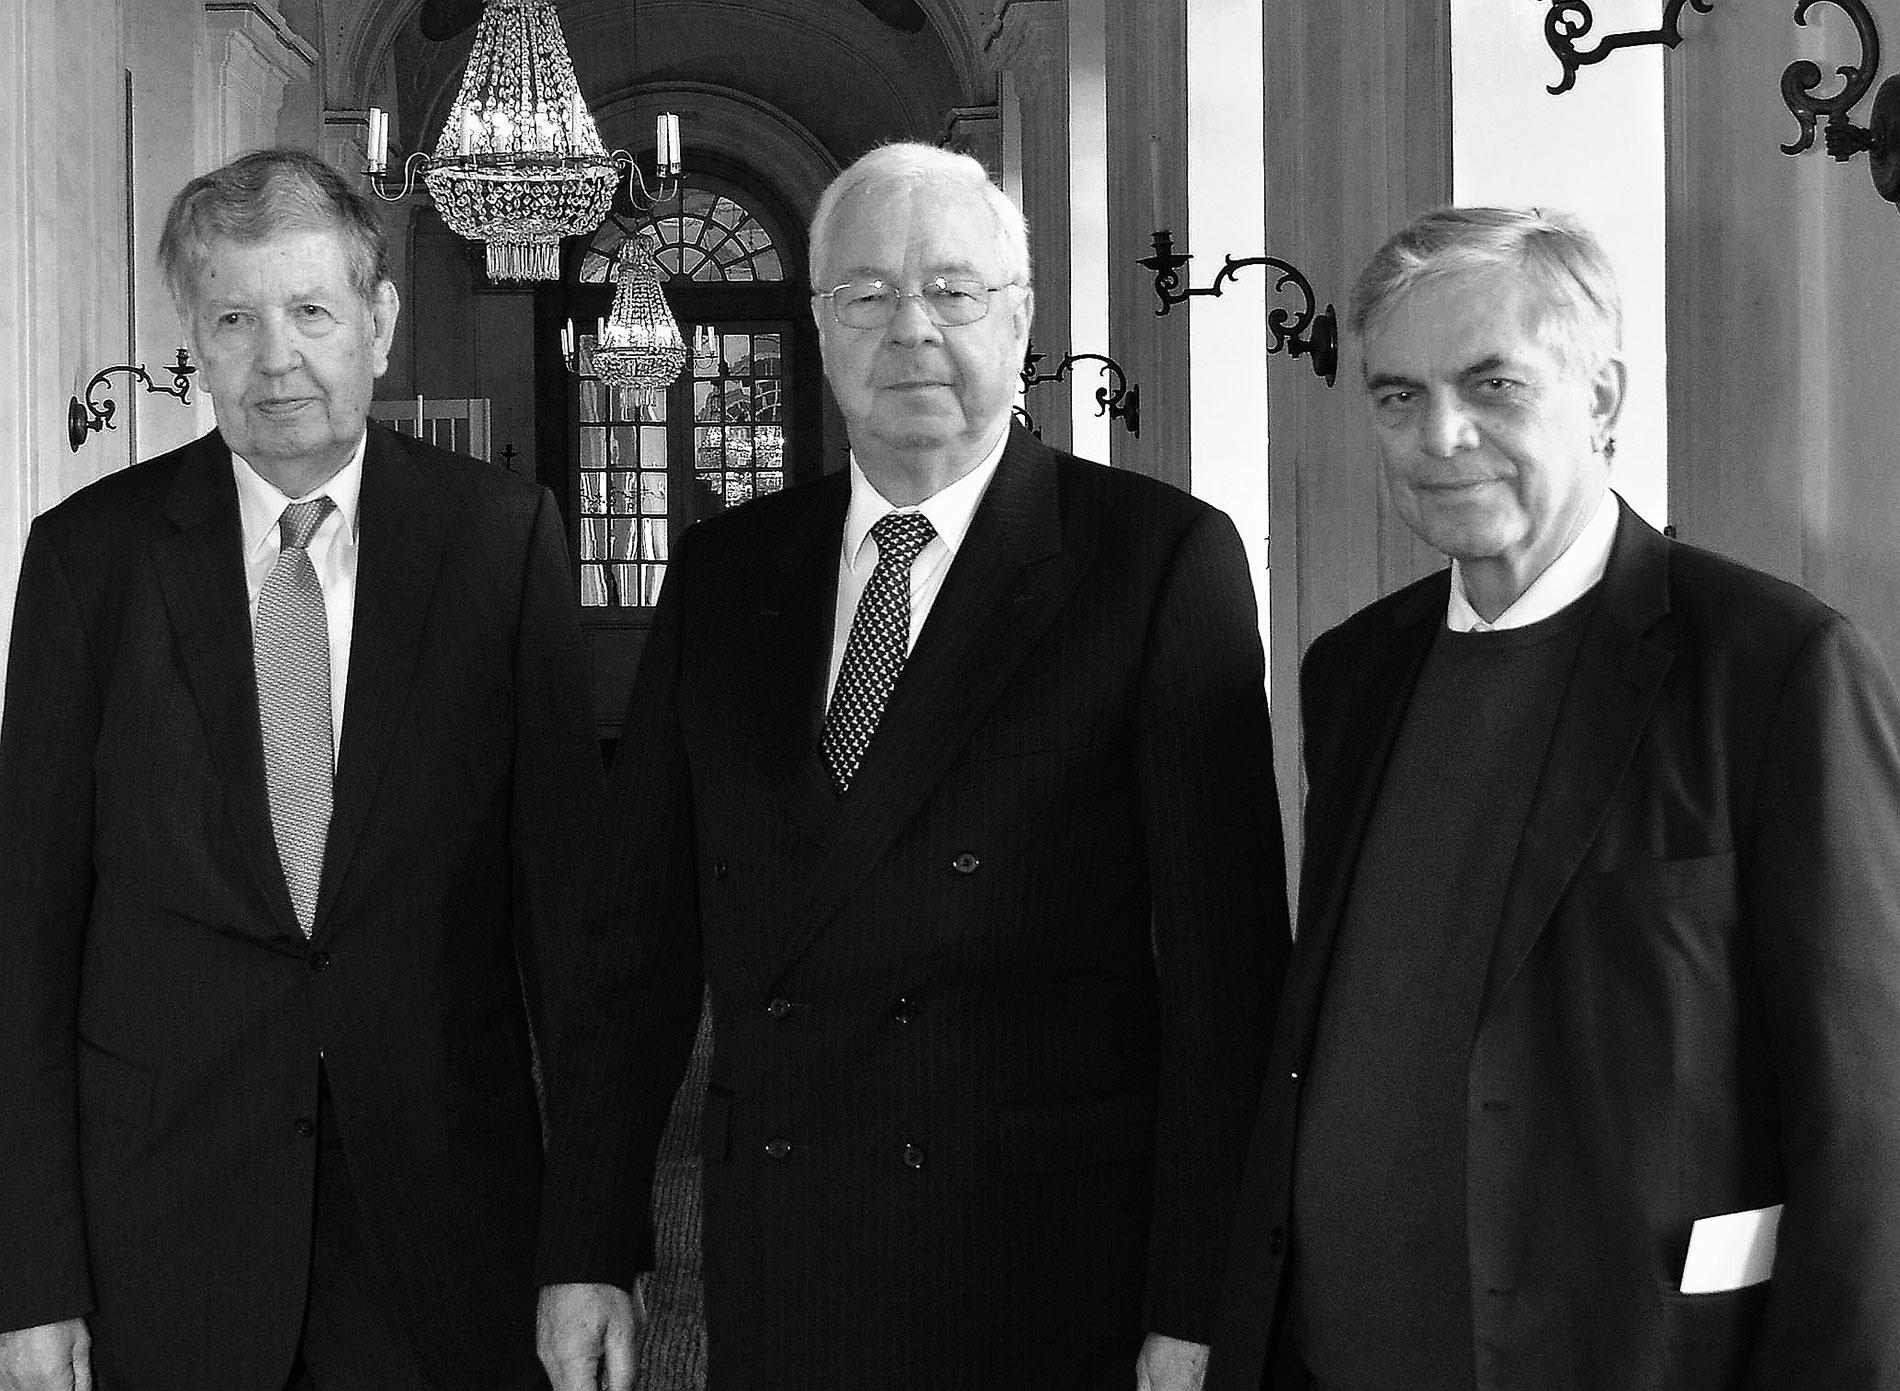 Auf der Mitgliederversammlung des Freundeskreises im November 2014 in Schloss Ludwigsburg: die scheidenden Vorstandsmitglieder Dieter Sellner, Dietrich H. Hoppenstedt und Elmar Weingarten (v.l.n.r.)